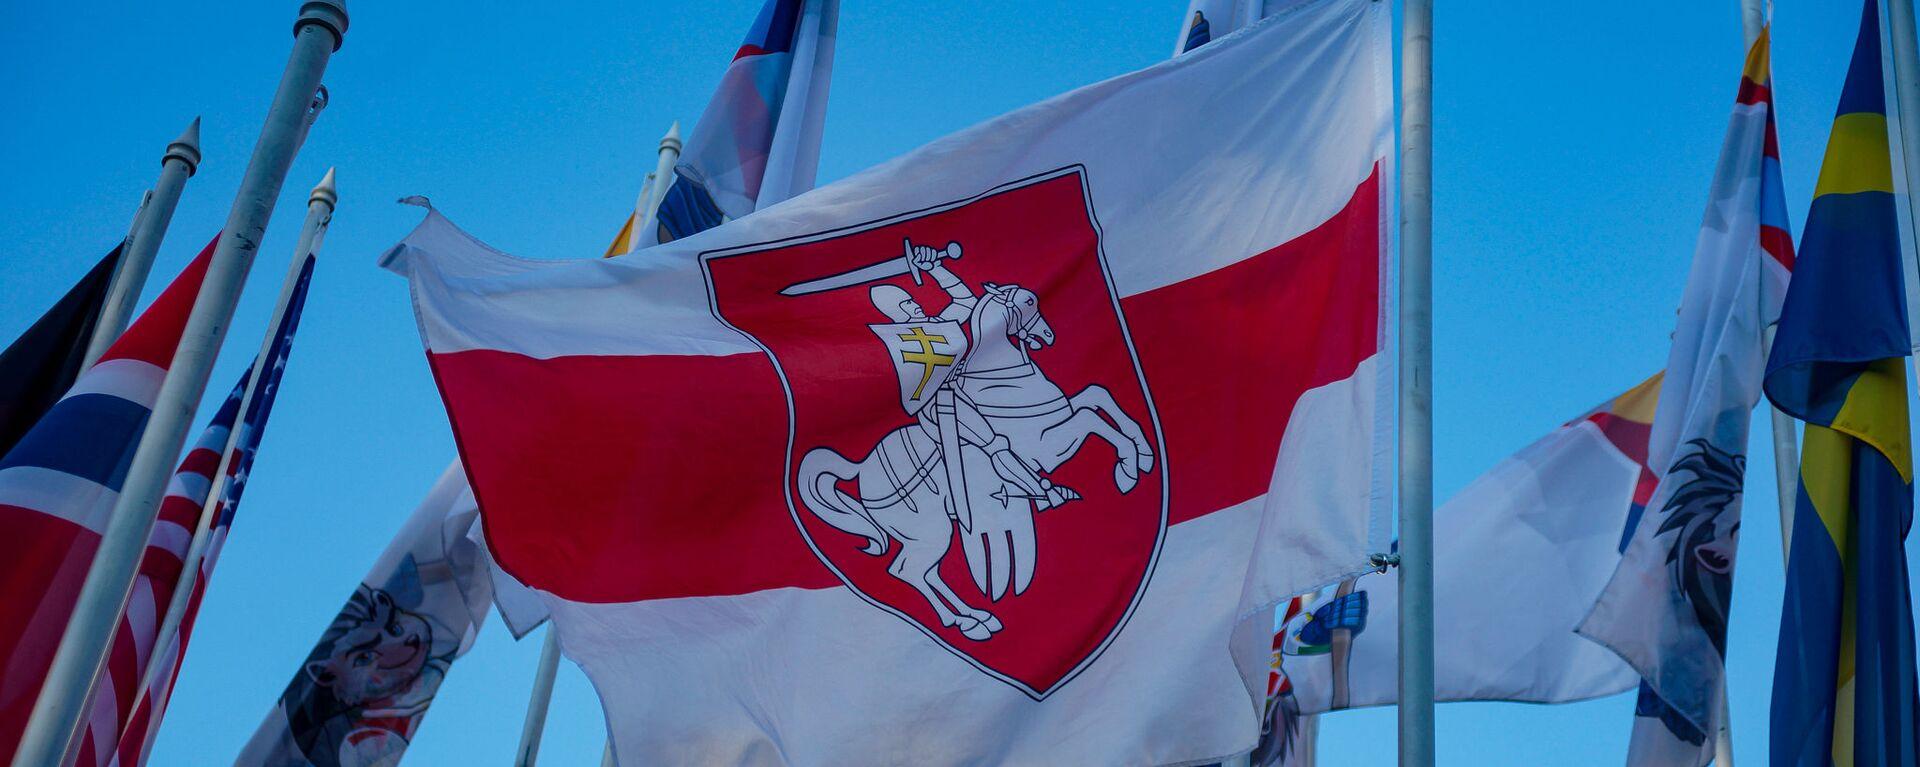 На флагштоках у гостиницы где проживают хоккеисты сборных участников ЧМ-2021 сняли флаги Беларуси и России и заменили на флаги Белорусской опозиции и Флаг олимпийского комитета России.  - Sputnik Latvija, 1920, 26.05.2021